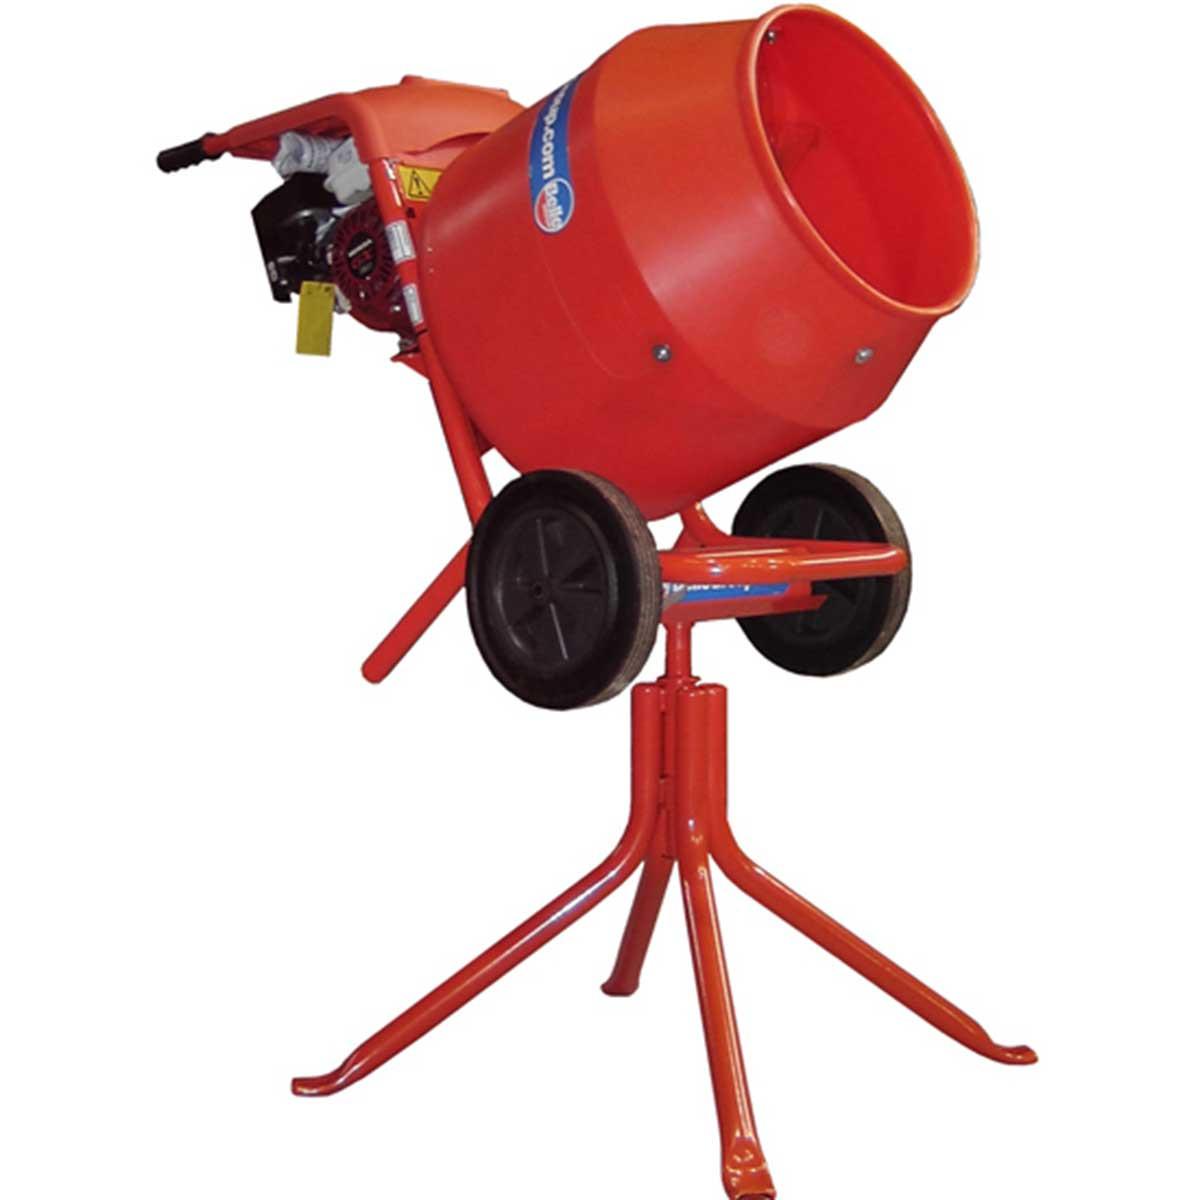 Altrad Belle Minimix 150 Poly Drum